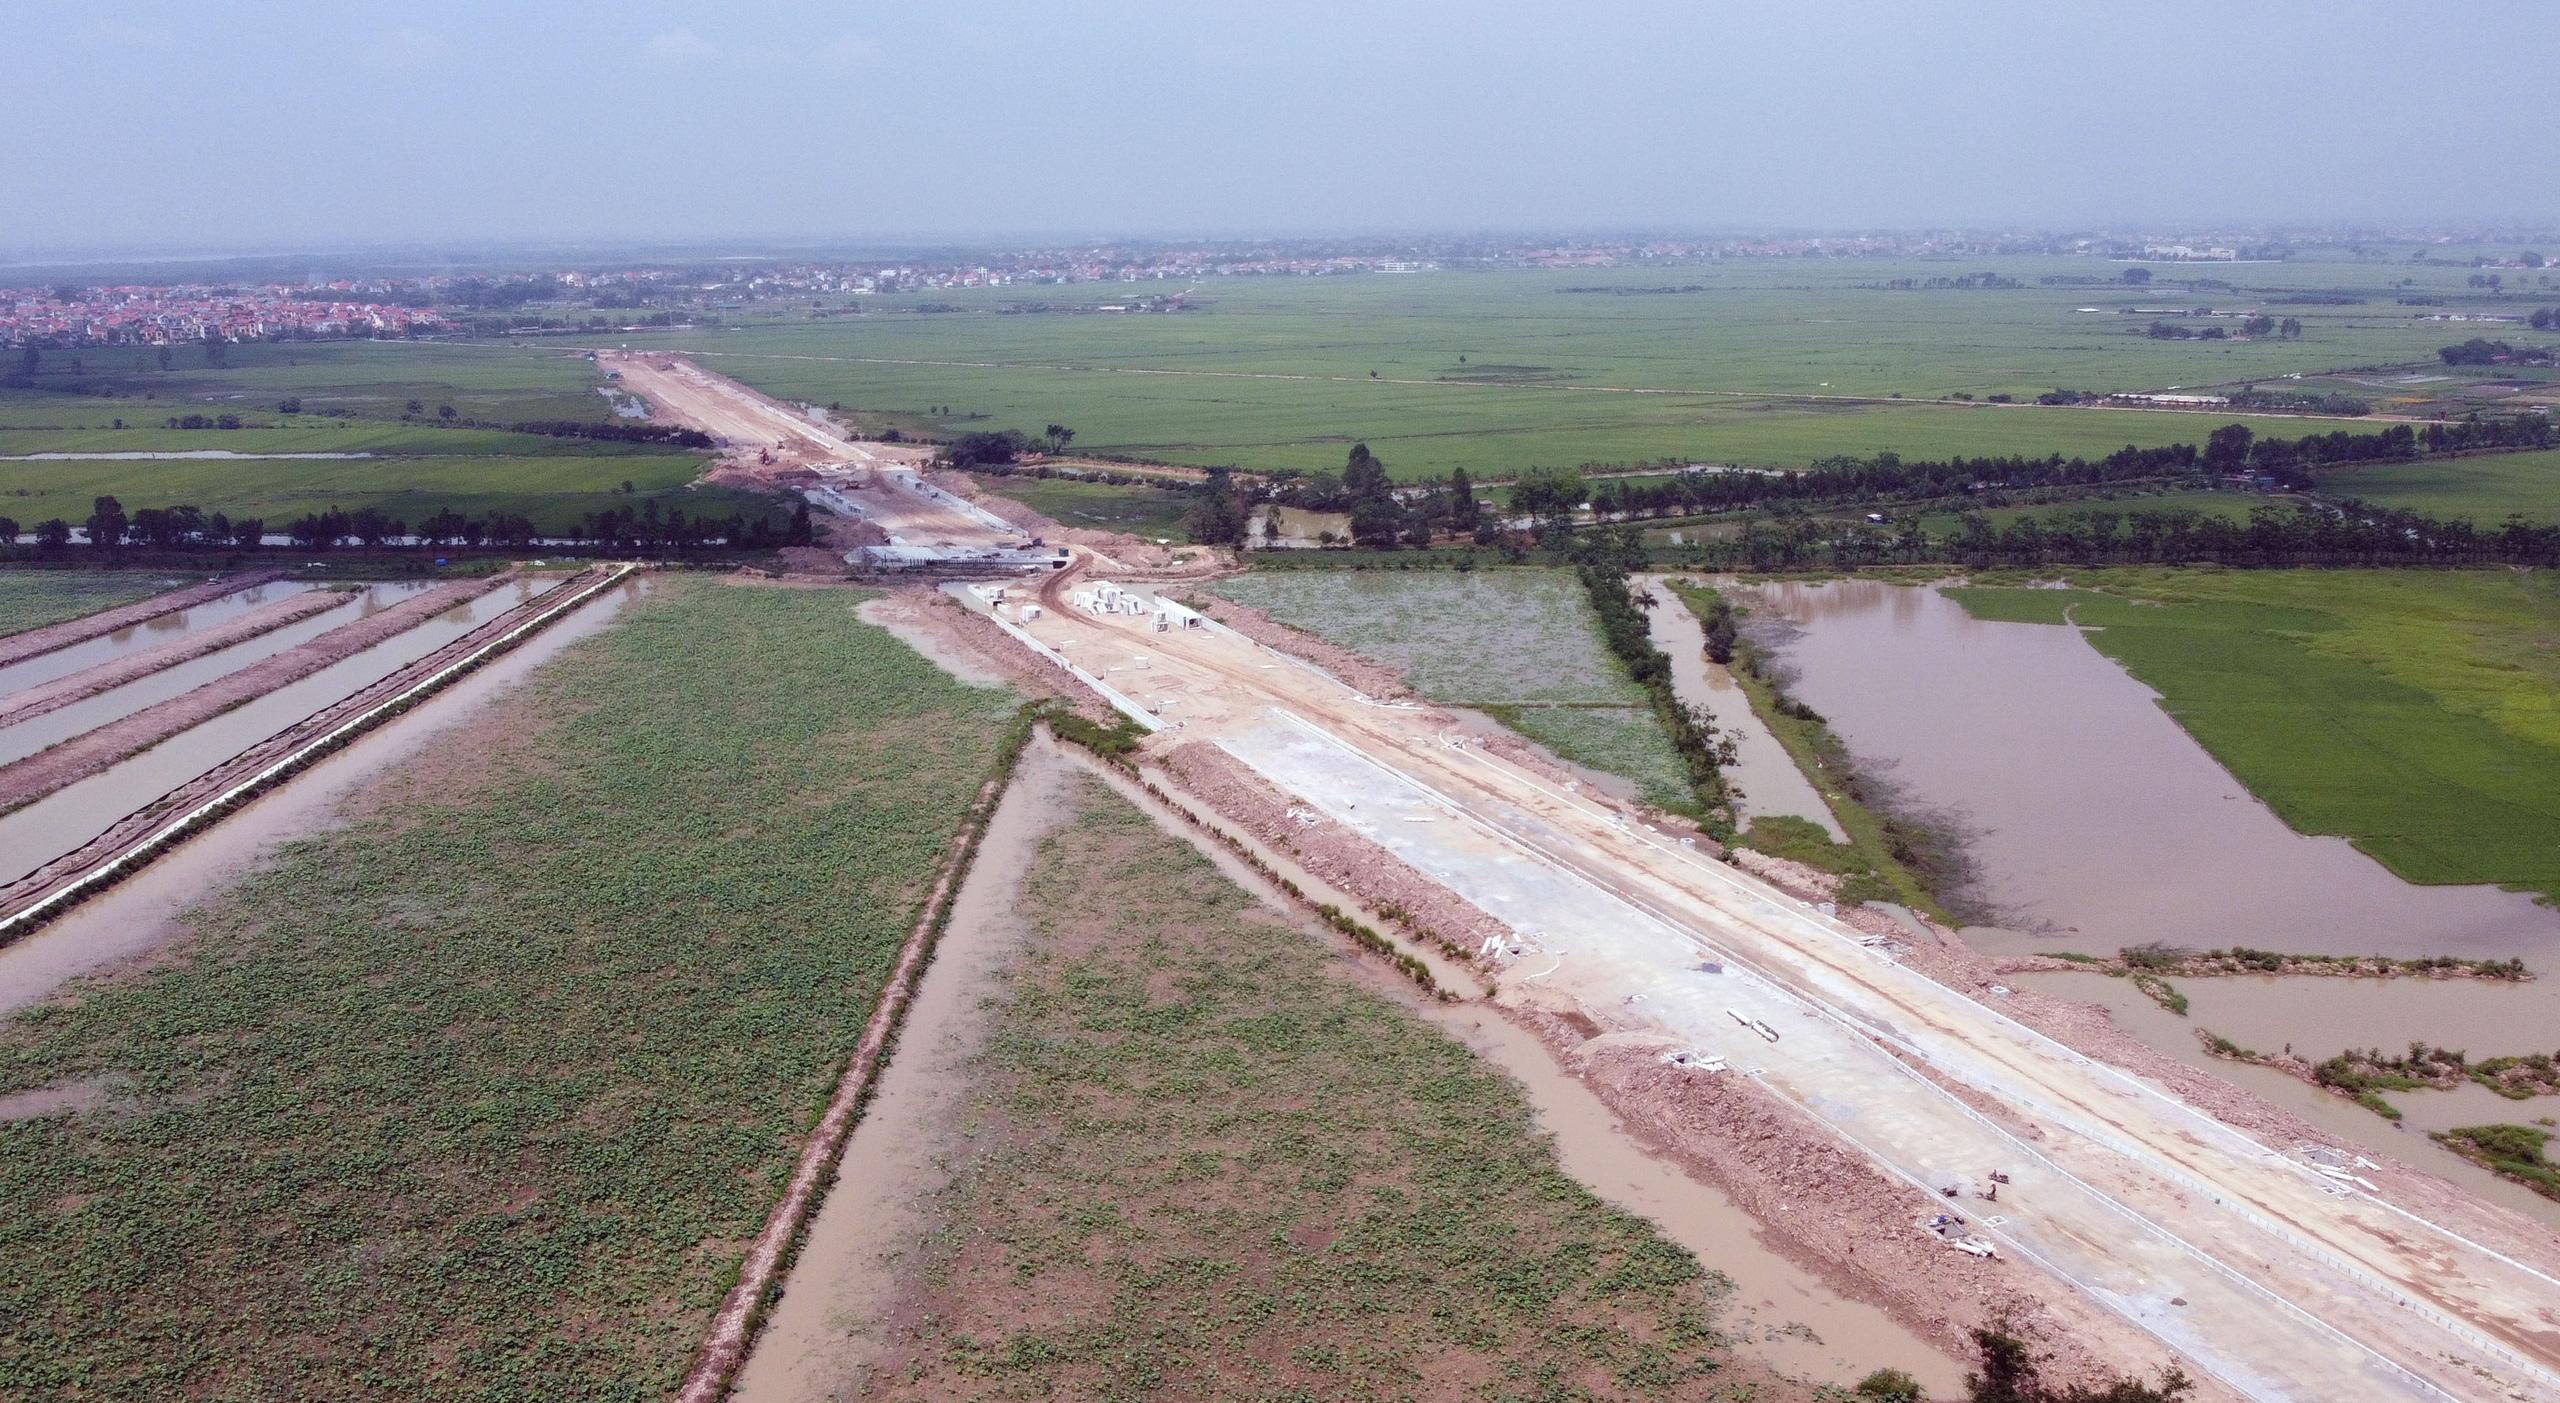 Phê duyệt chỉ giới đường đỏ tuyến đường tỉnh 413 ở thị xã Sơn Tây dài 5,9 km - Ảnh 1.